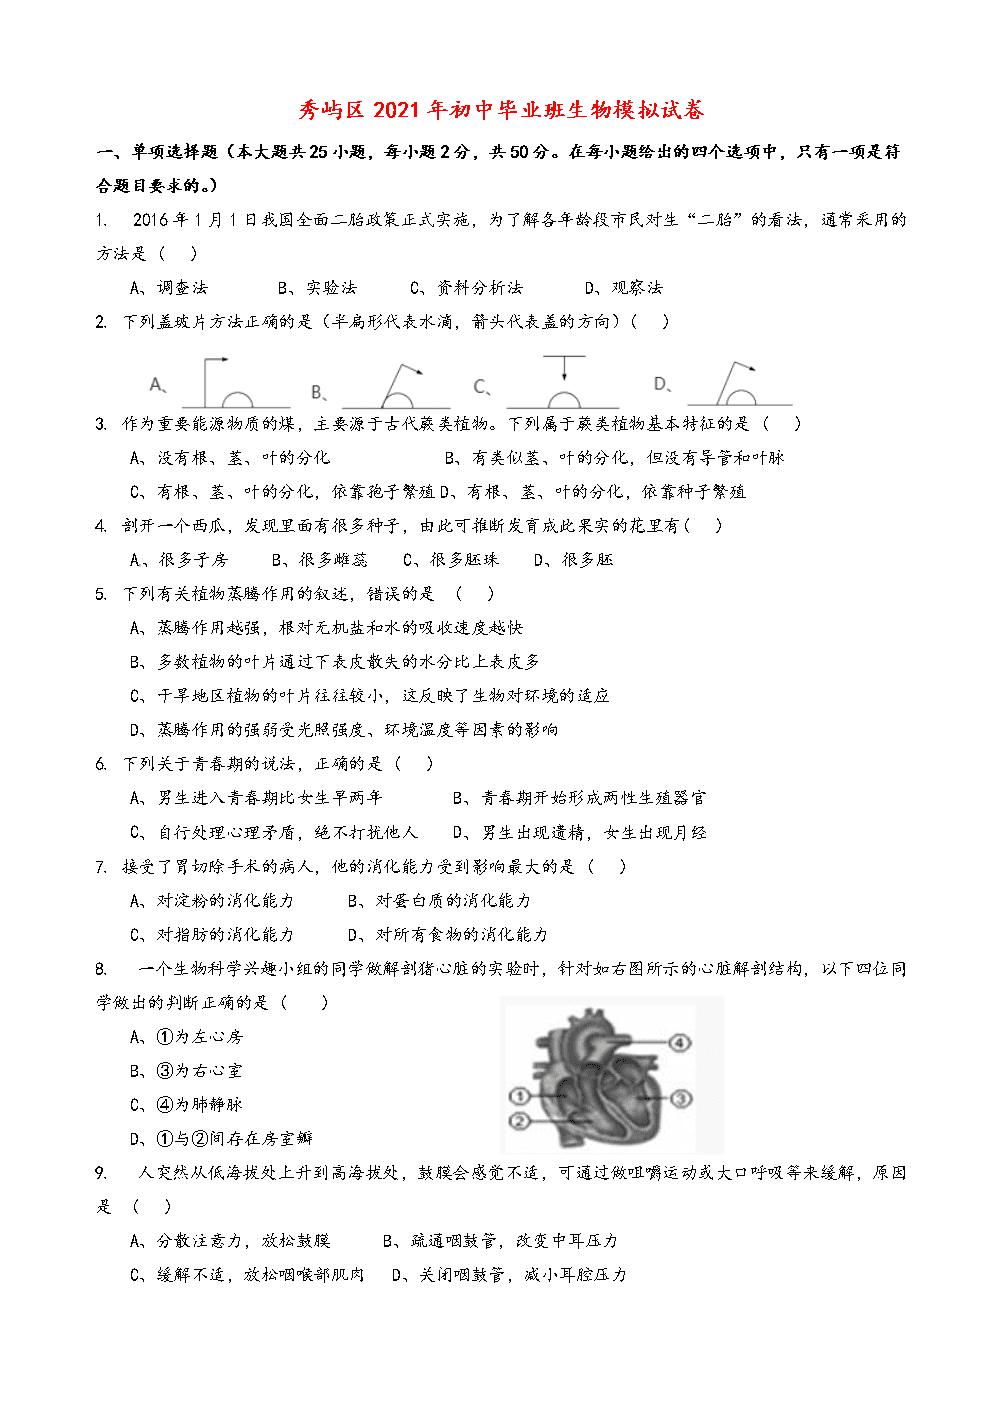 2021年福建省莆田市秀屿区初中生物毕业班模拟考试试题-(九年级).doc